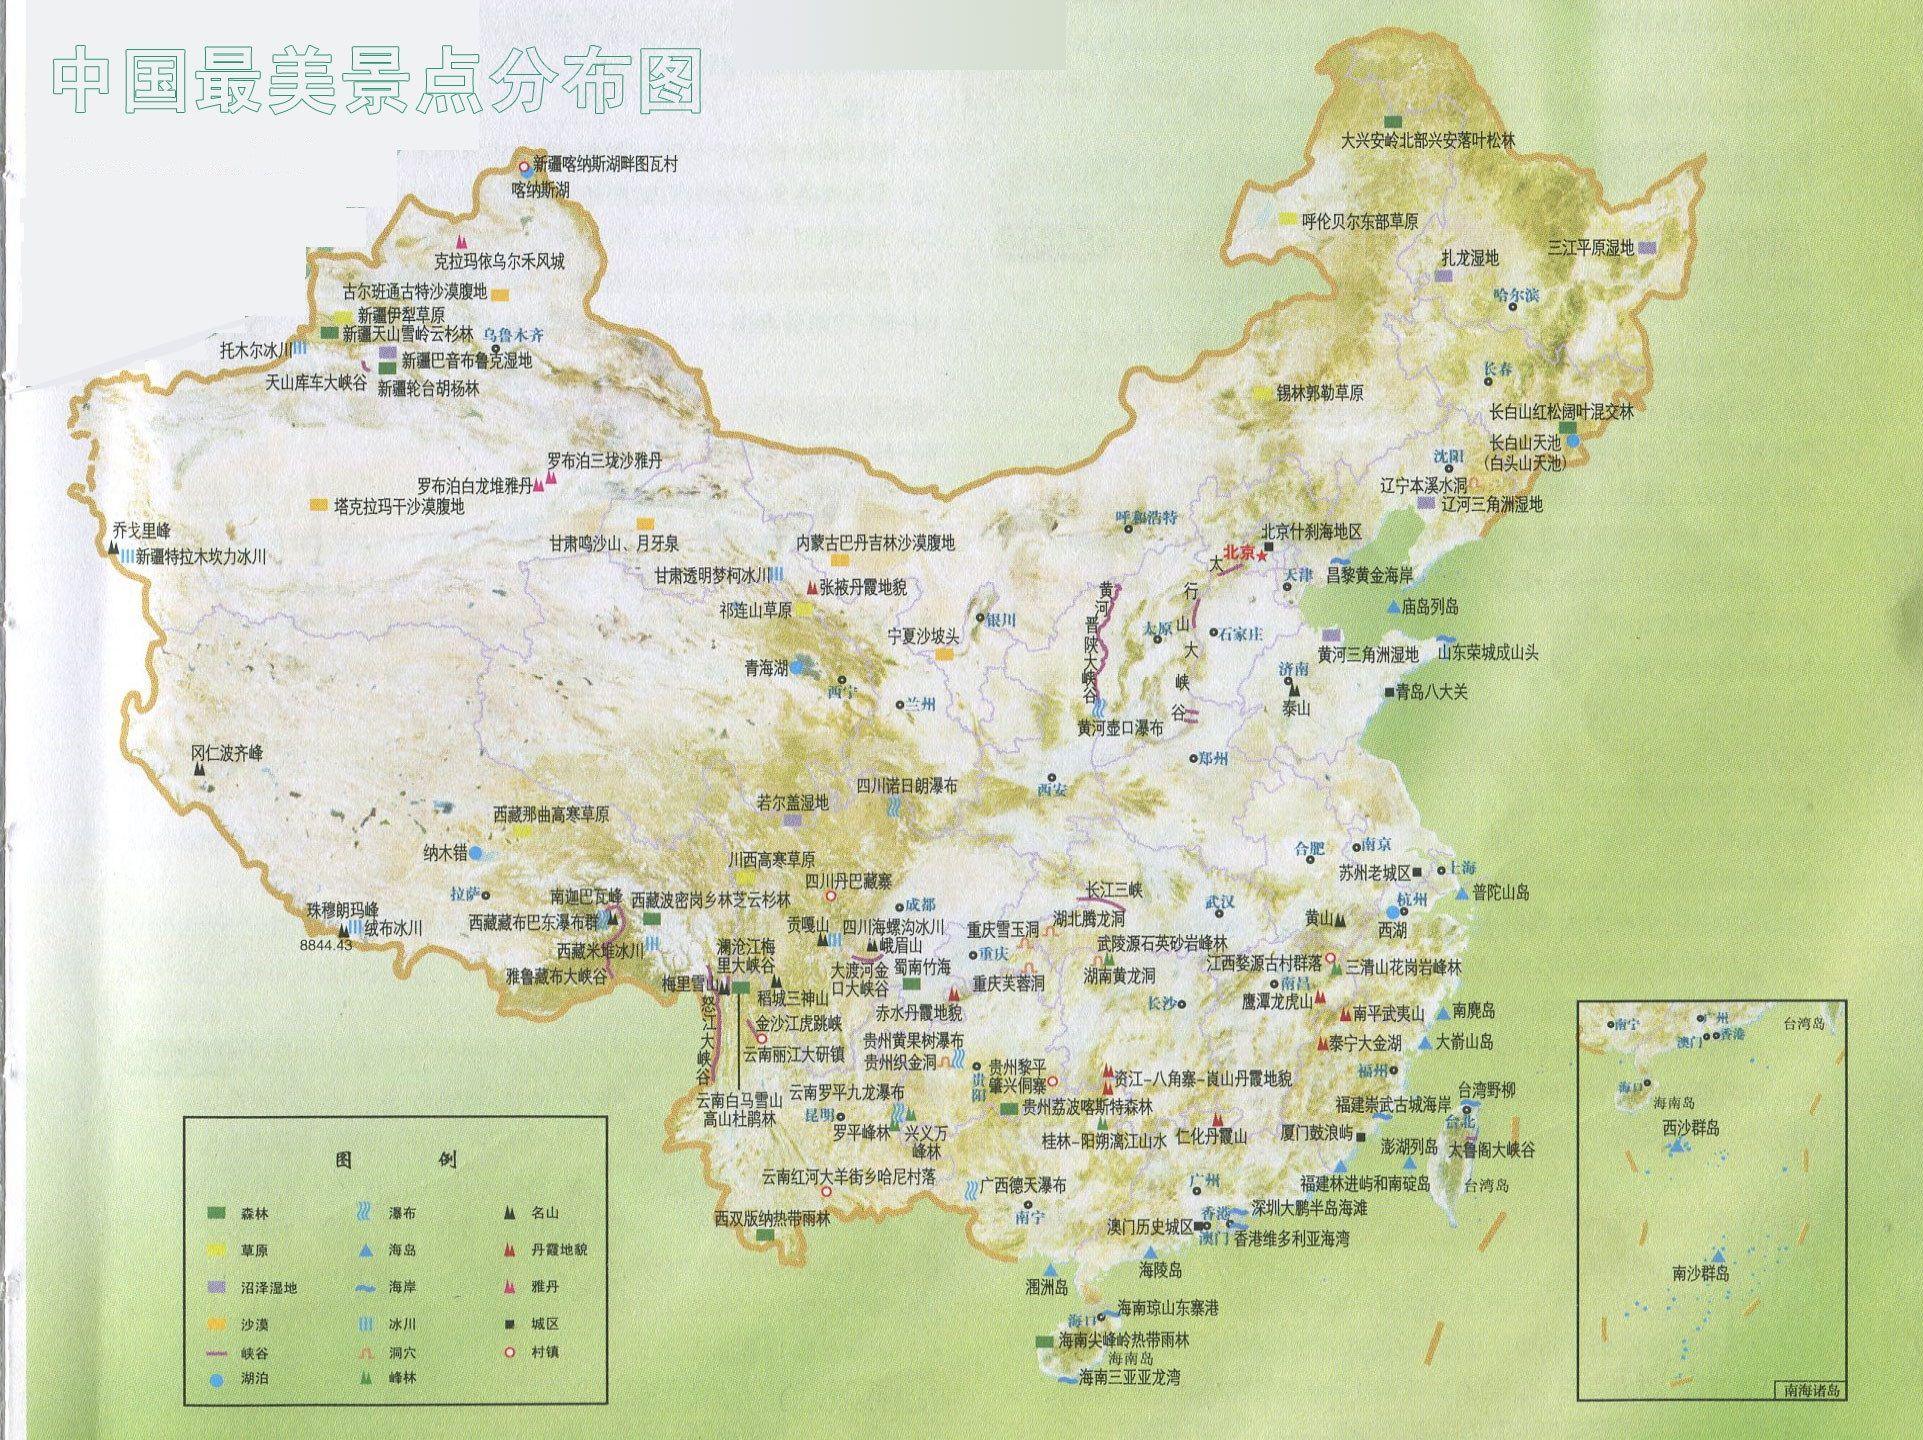 洛阳市龙门石窟景区,焦作市云台山风景名胜区.